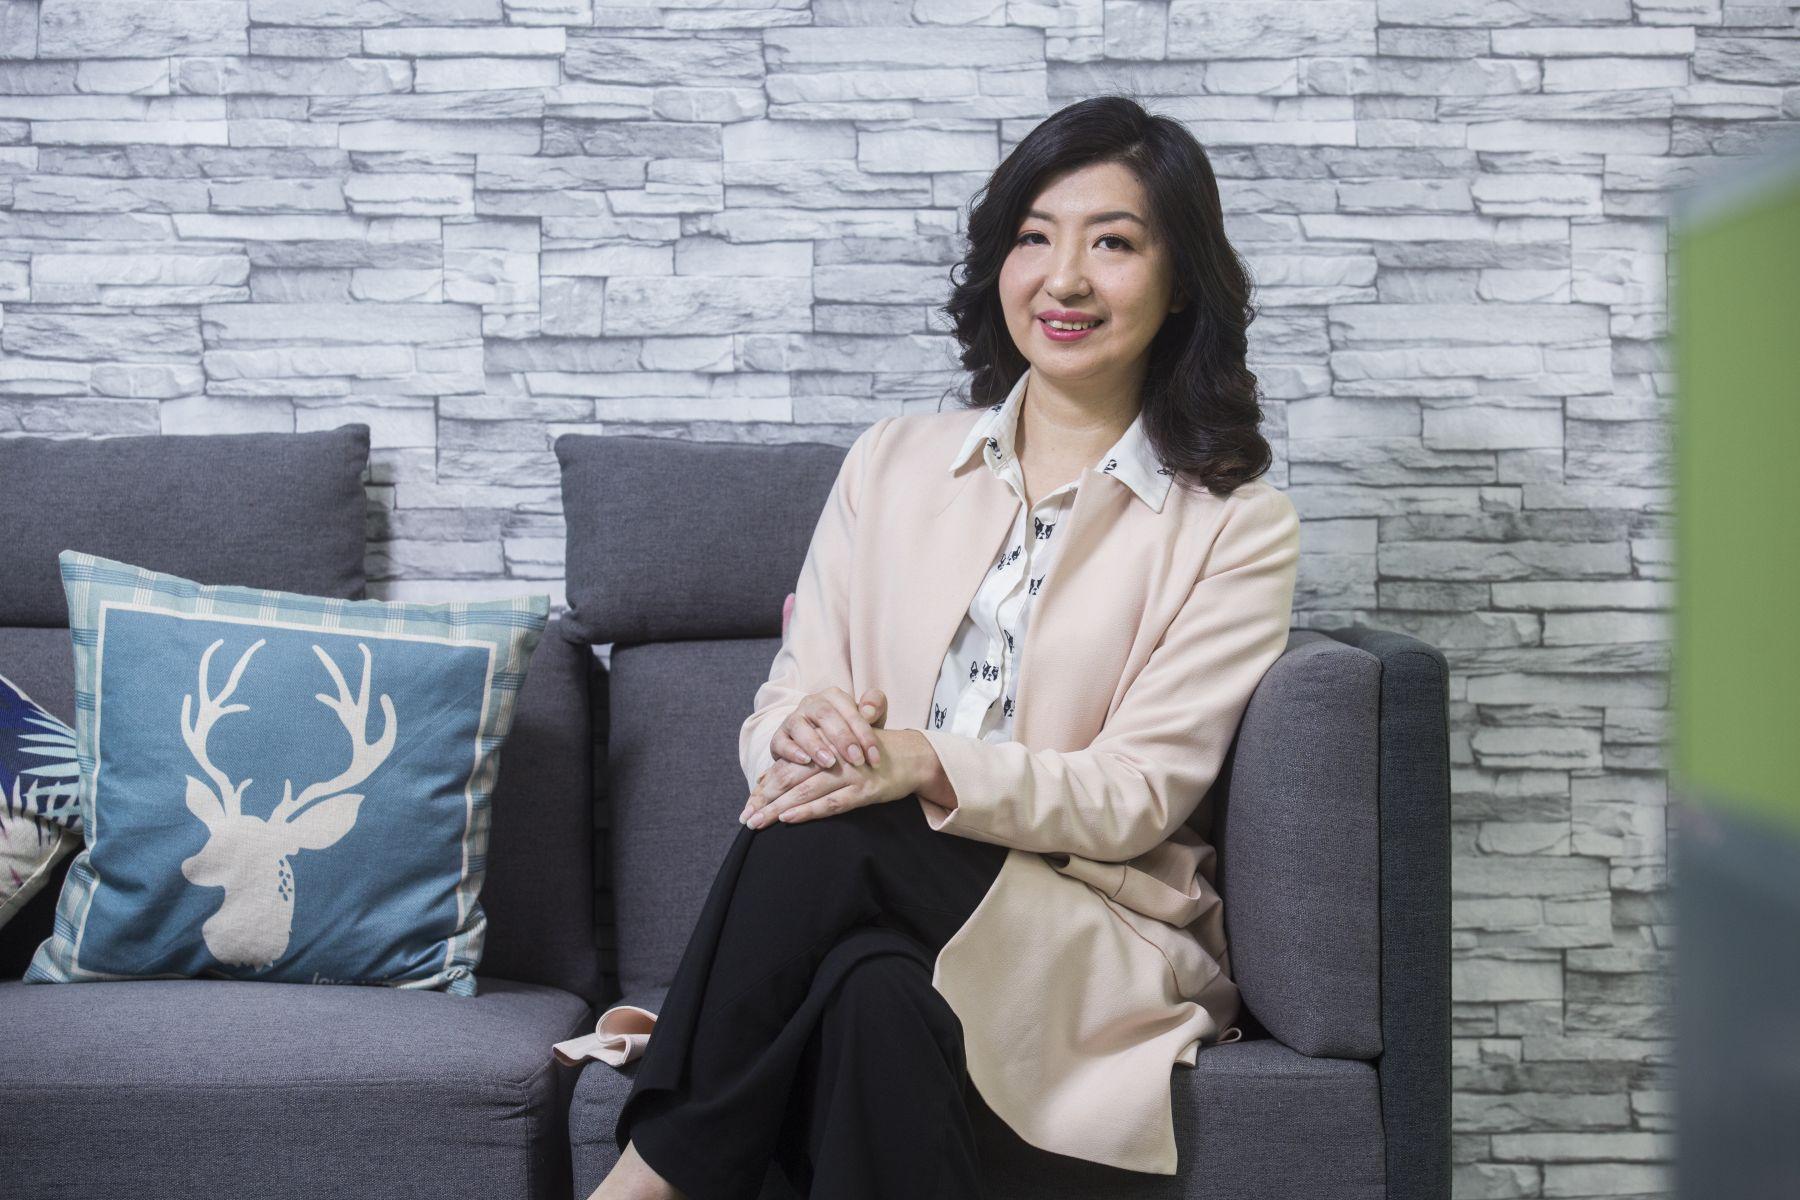 一天工作超過13小時…家庭生活也從不缺席 年營收上億女經理人彭思齊的「溫柔管理學」